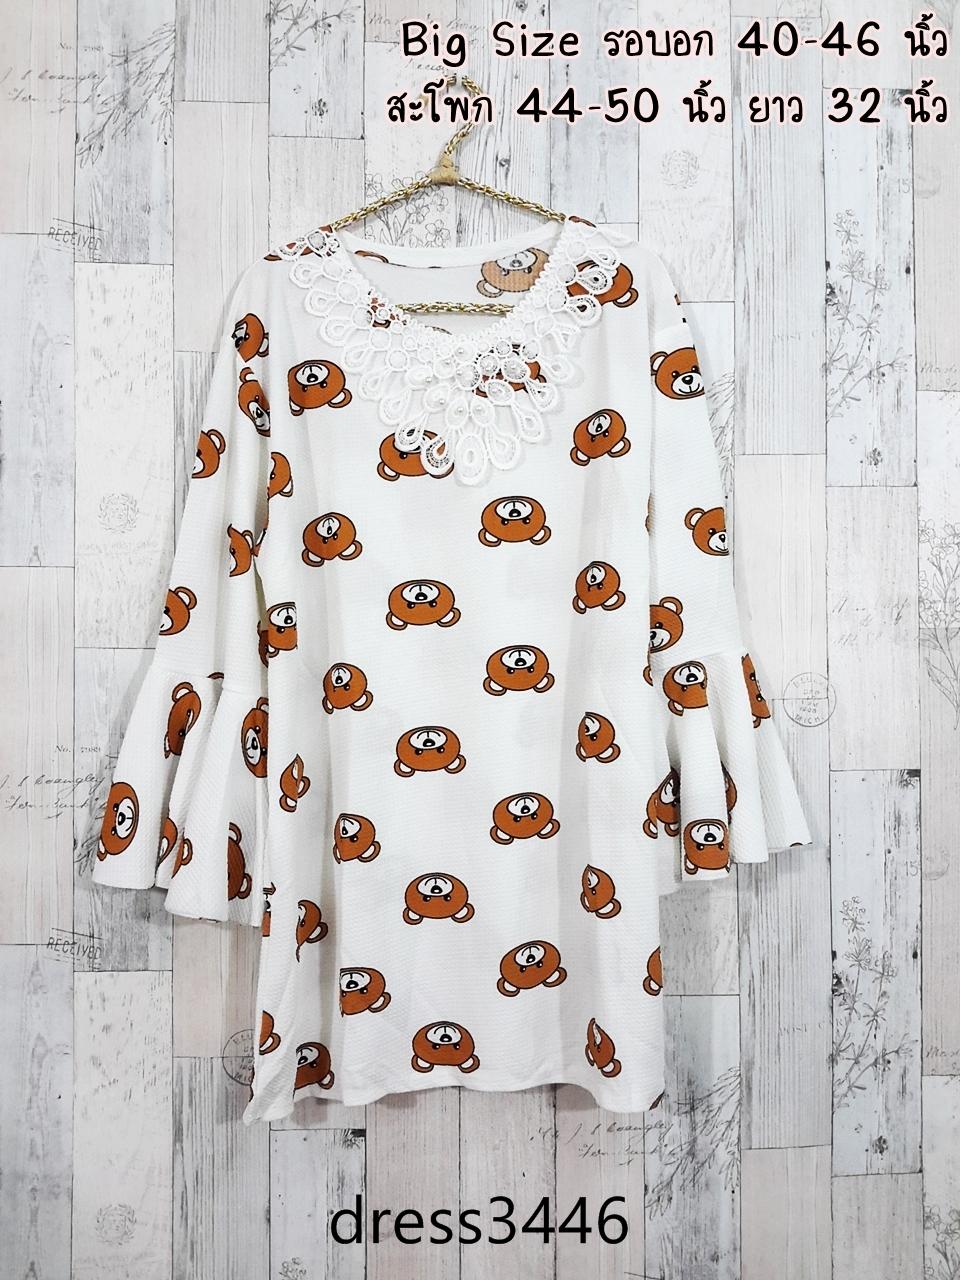 Dress3446 Big Size Dress ชุดเดรสแฟชั่นไซส์ใหญ่คอลูกไม้ถัก แขนกระดิ่ง ผ้าหนังไก่เนื้อนุ่มยืดได้เยอะ ลายหมีพื้นสีขาว